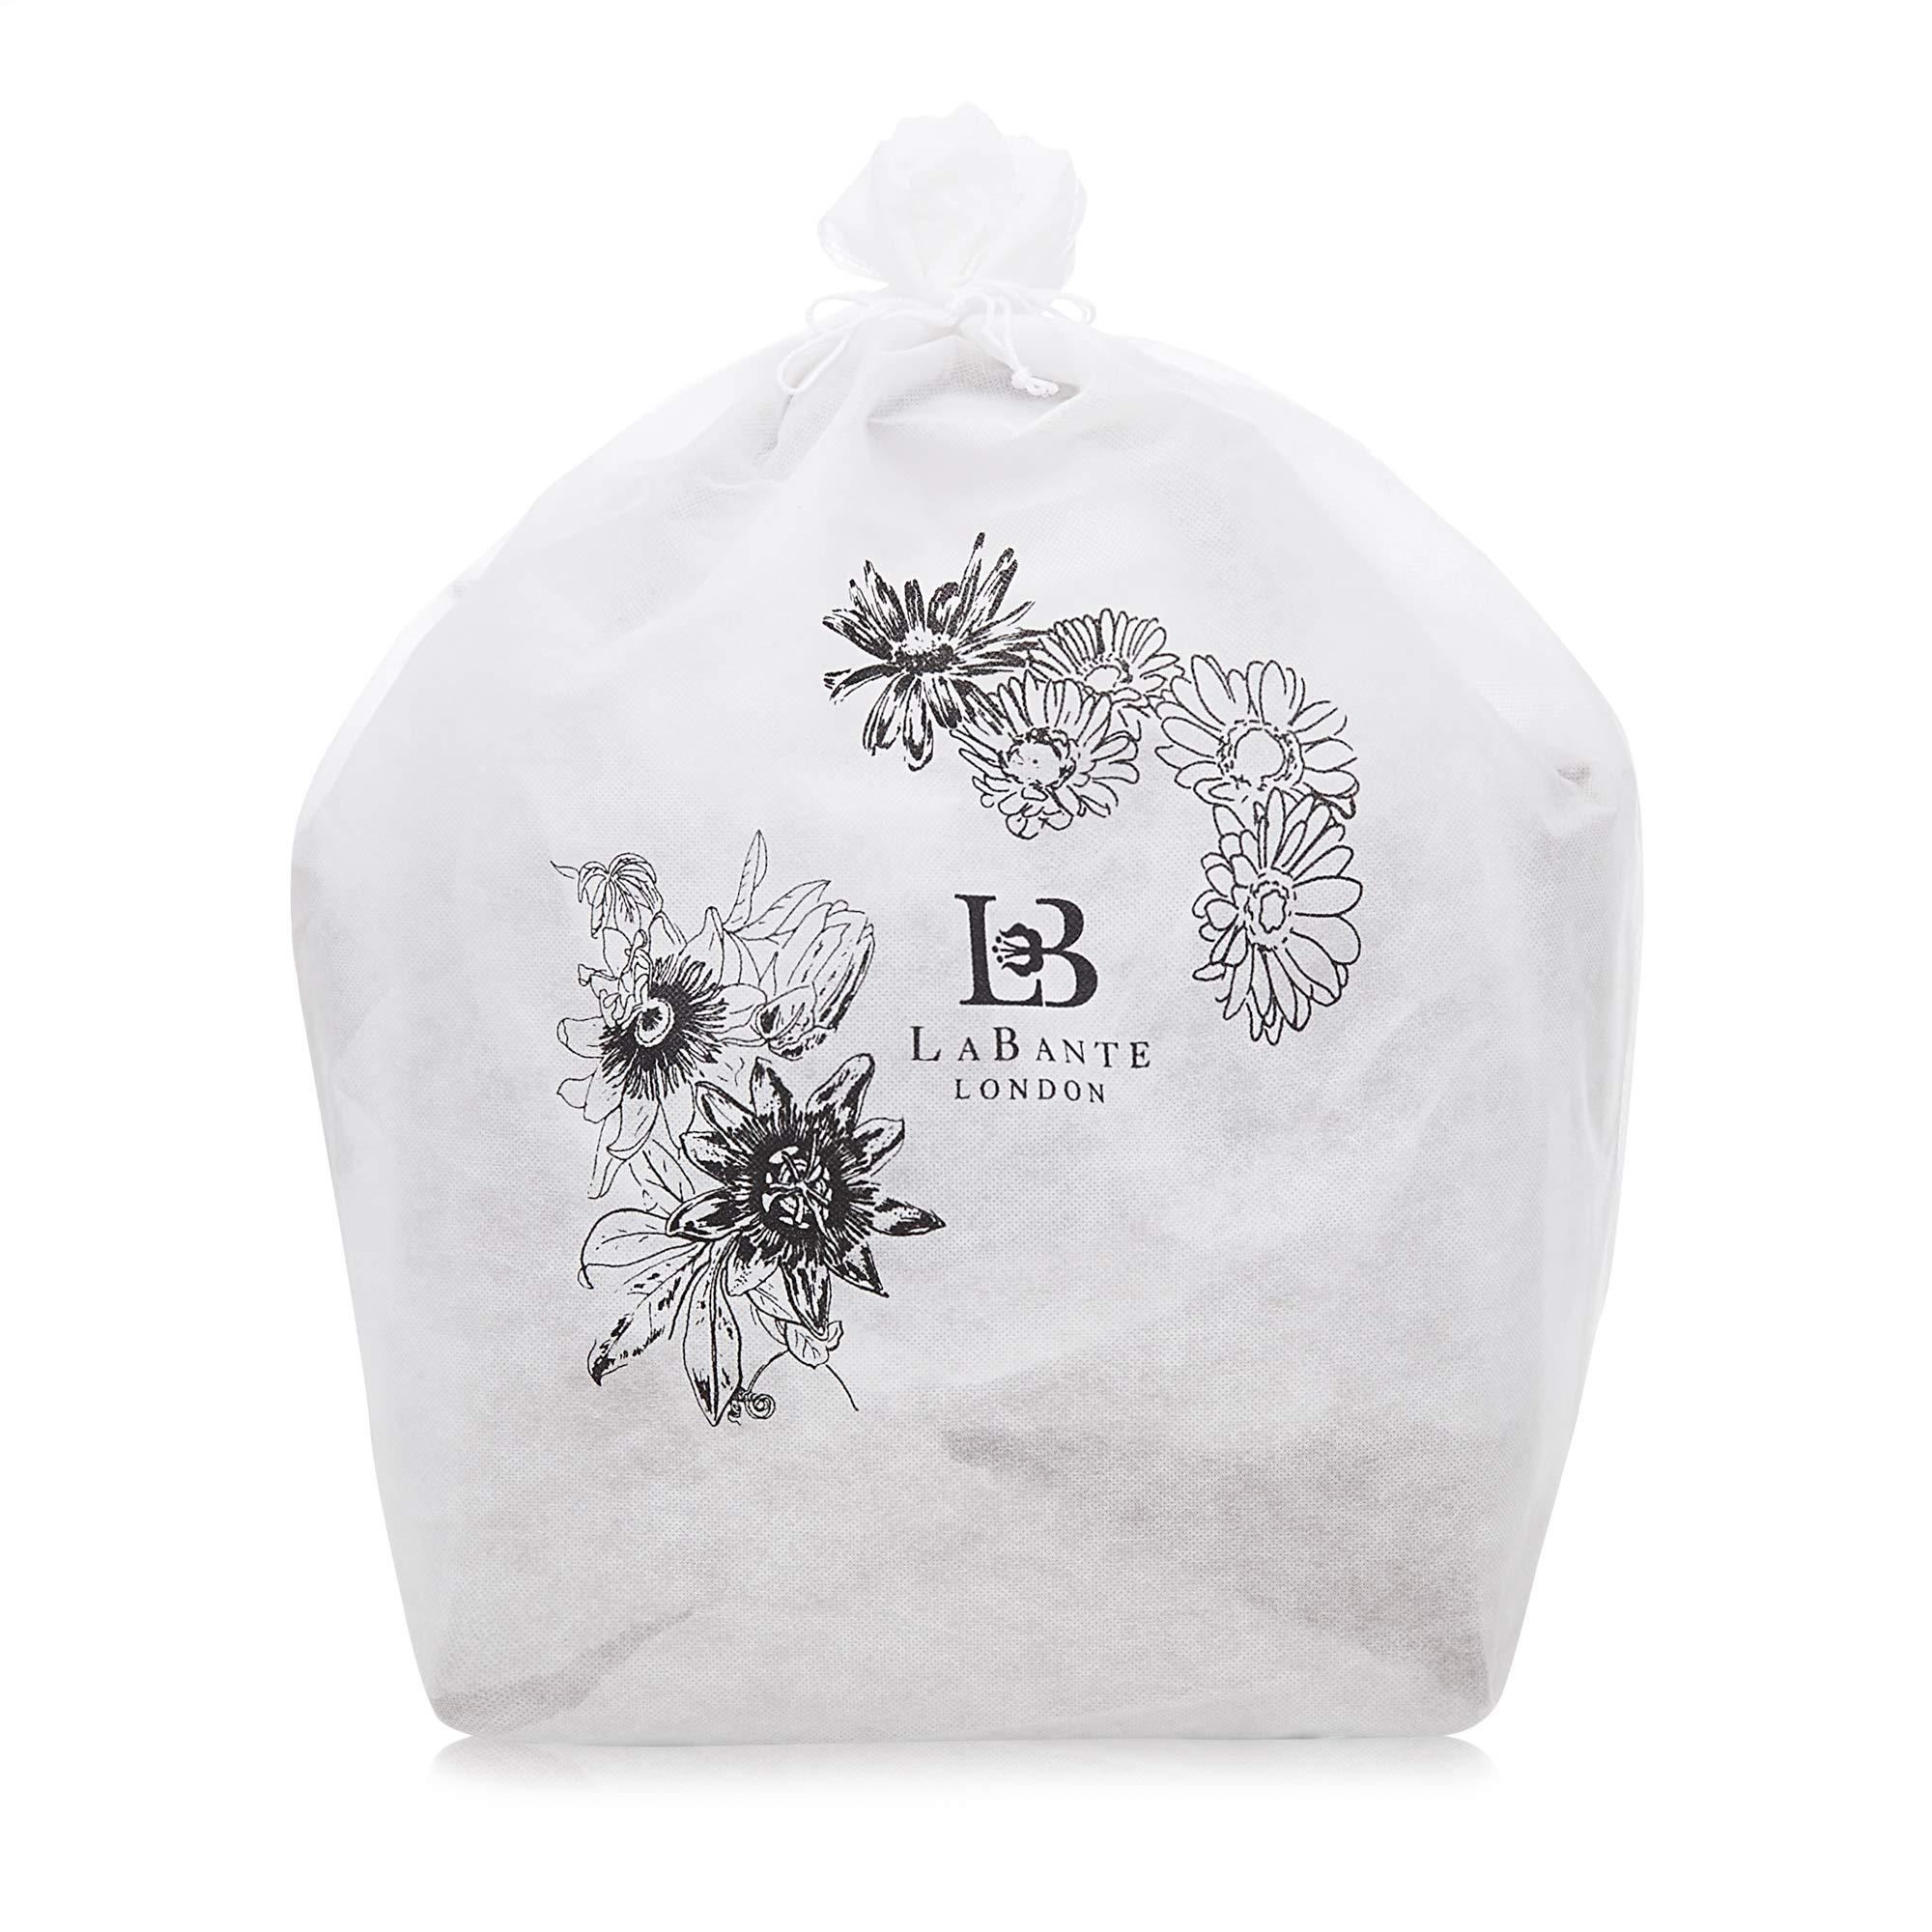 6699f57571a6 LaBante London – Dawson – Tote Bag Women Leather Laptop Bag